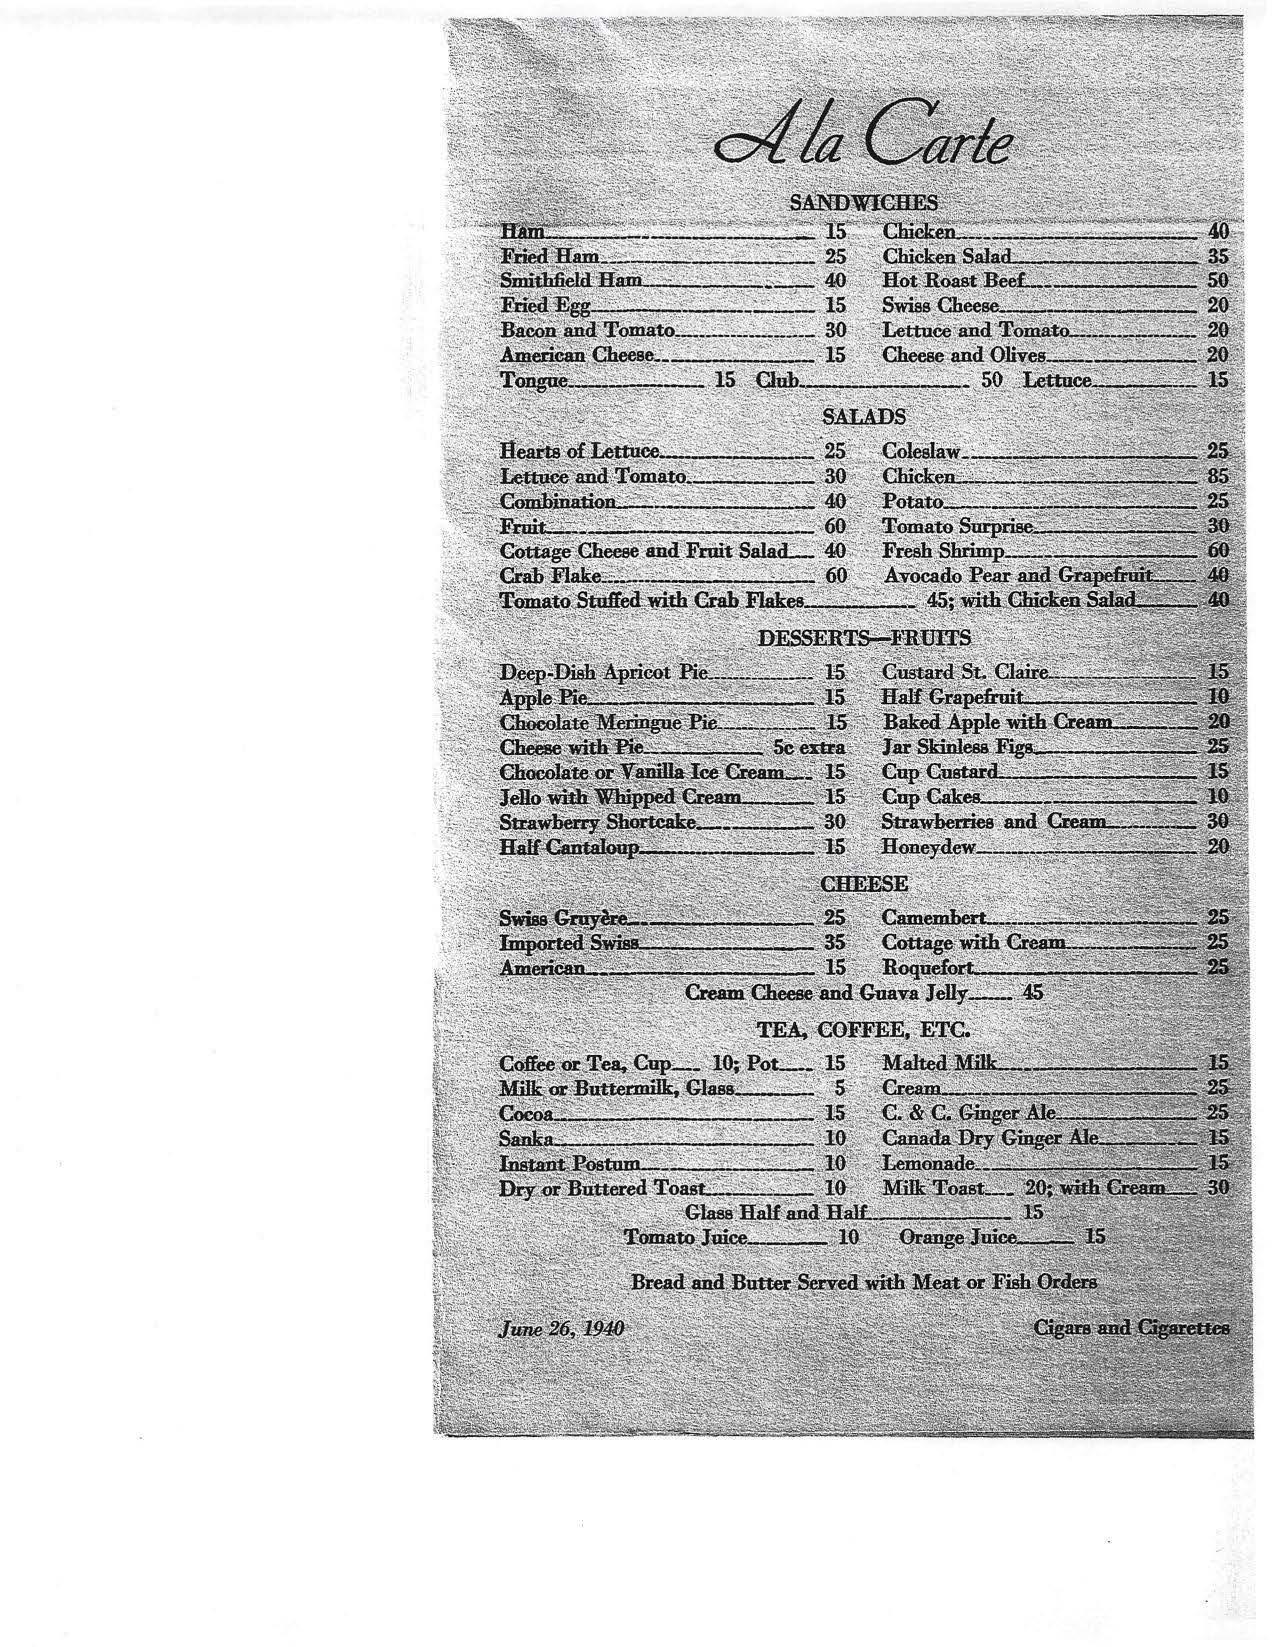 US Senate Menu 1940, P3